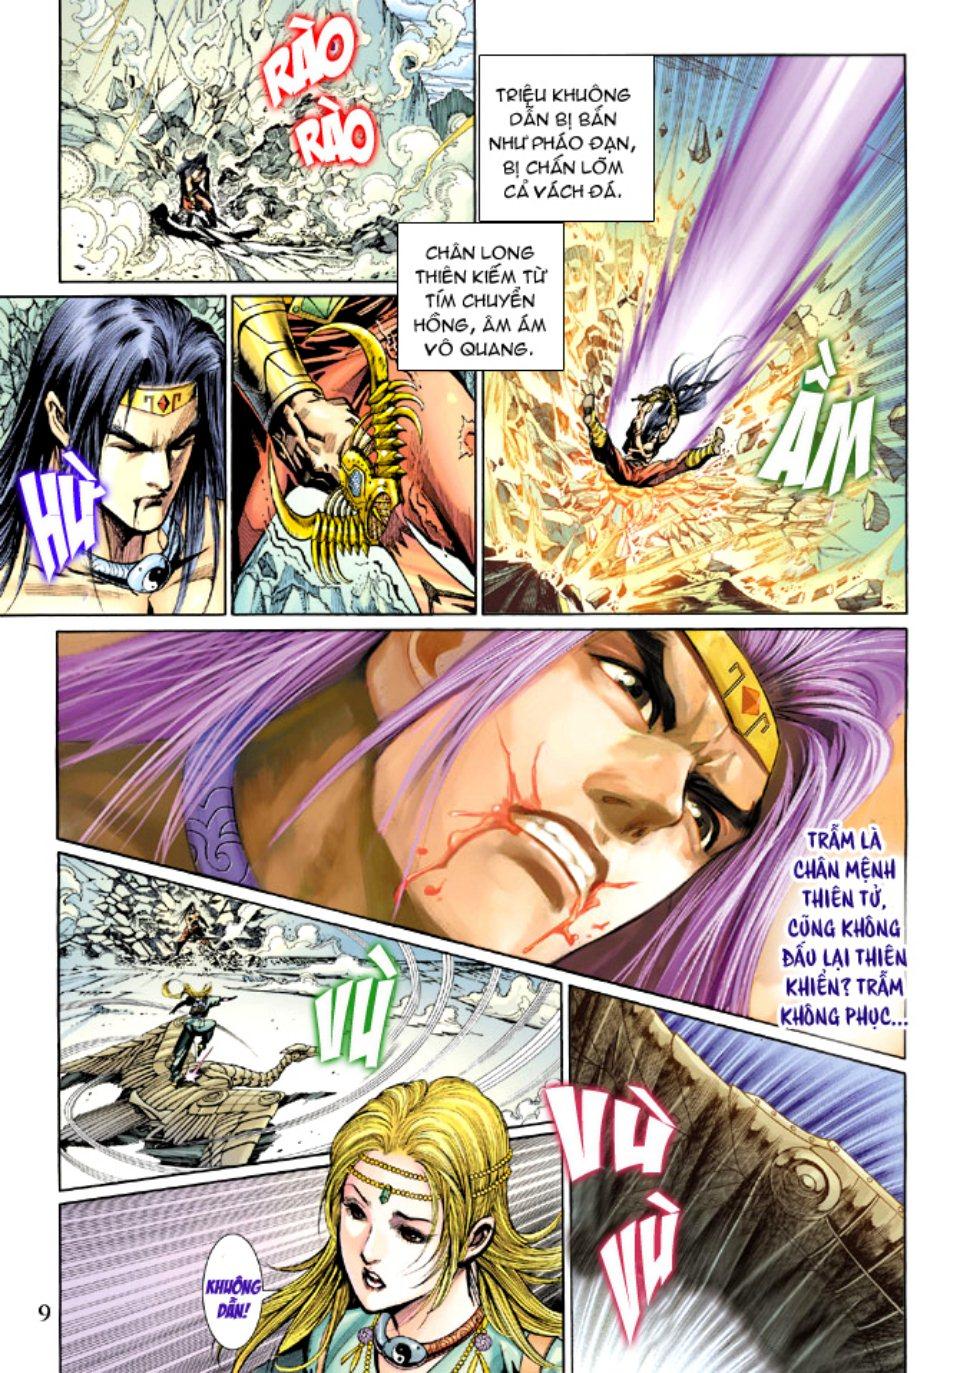 Thiên Tử Truyền Kỳ 5 – Như Lai Thần Chưởng chap 214 – End Trang 9 - Mangak.info